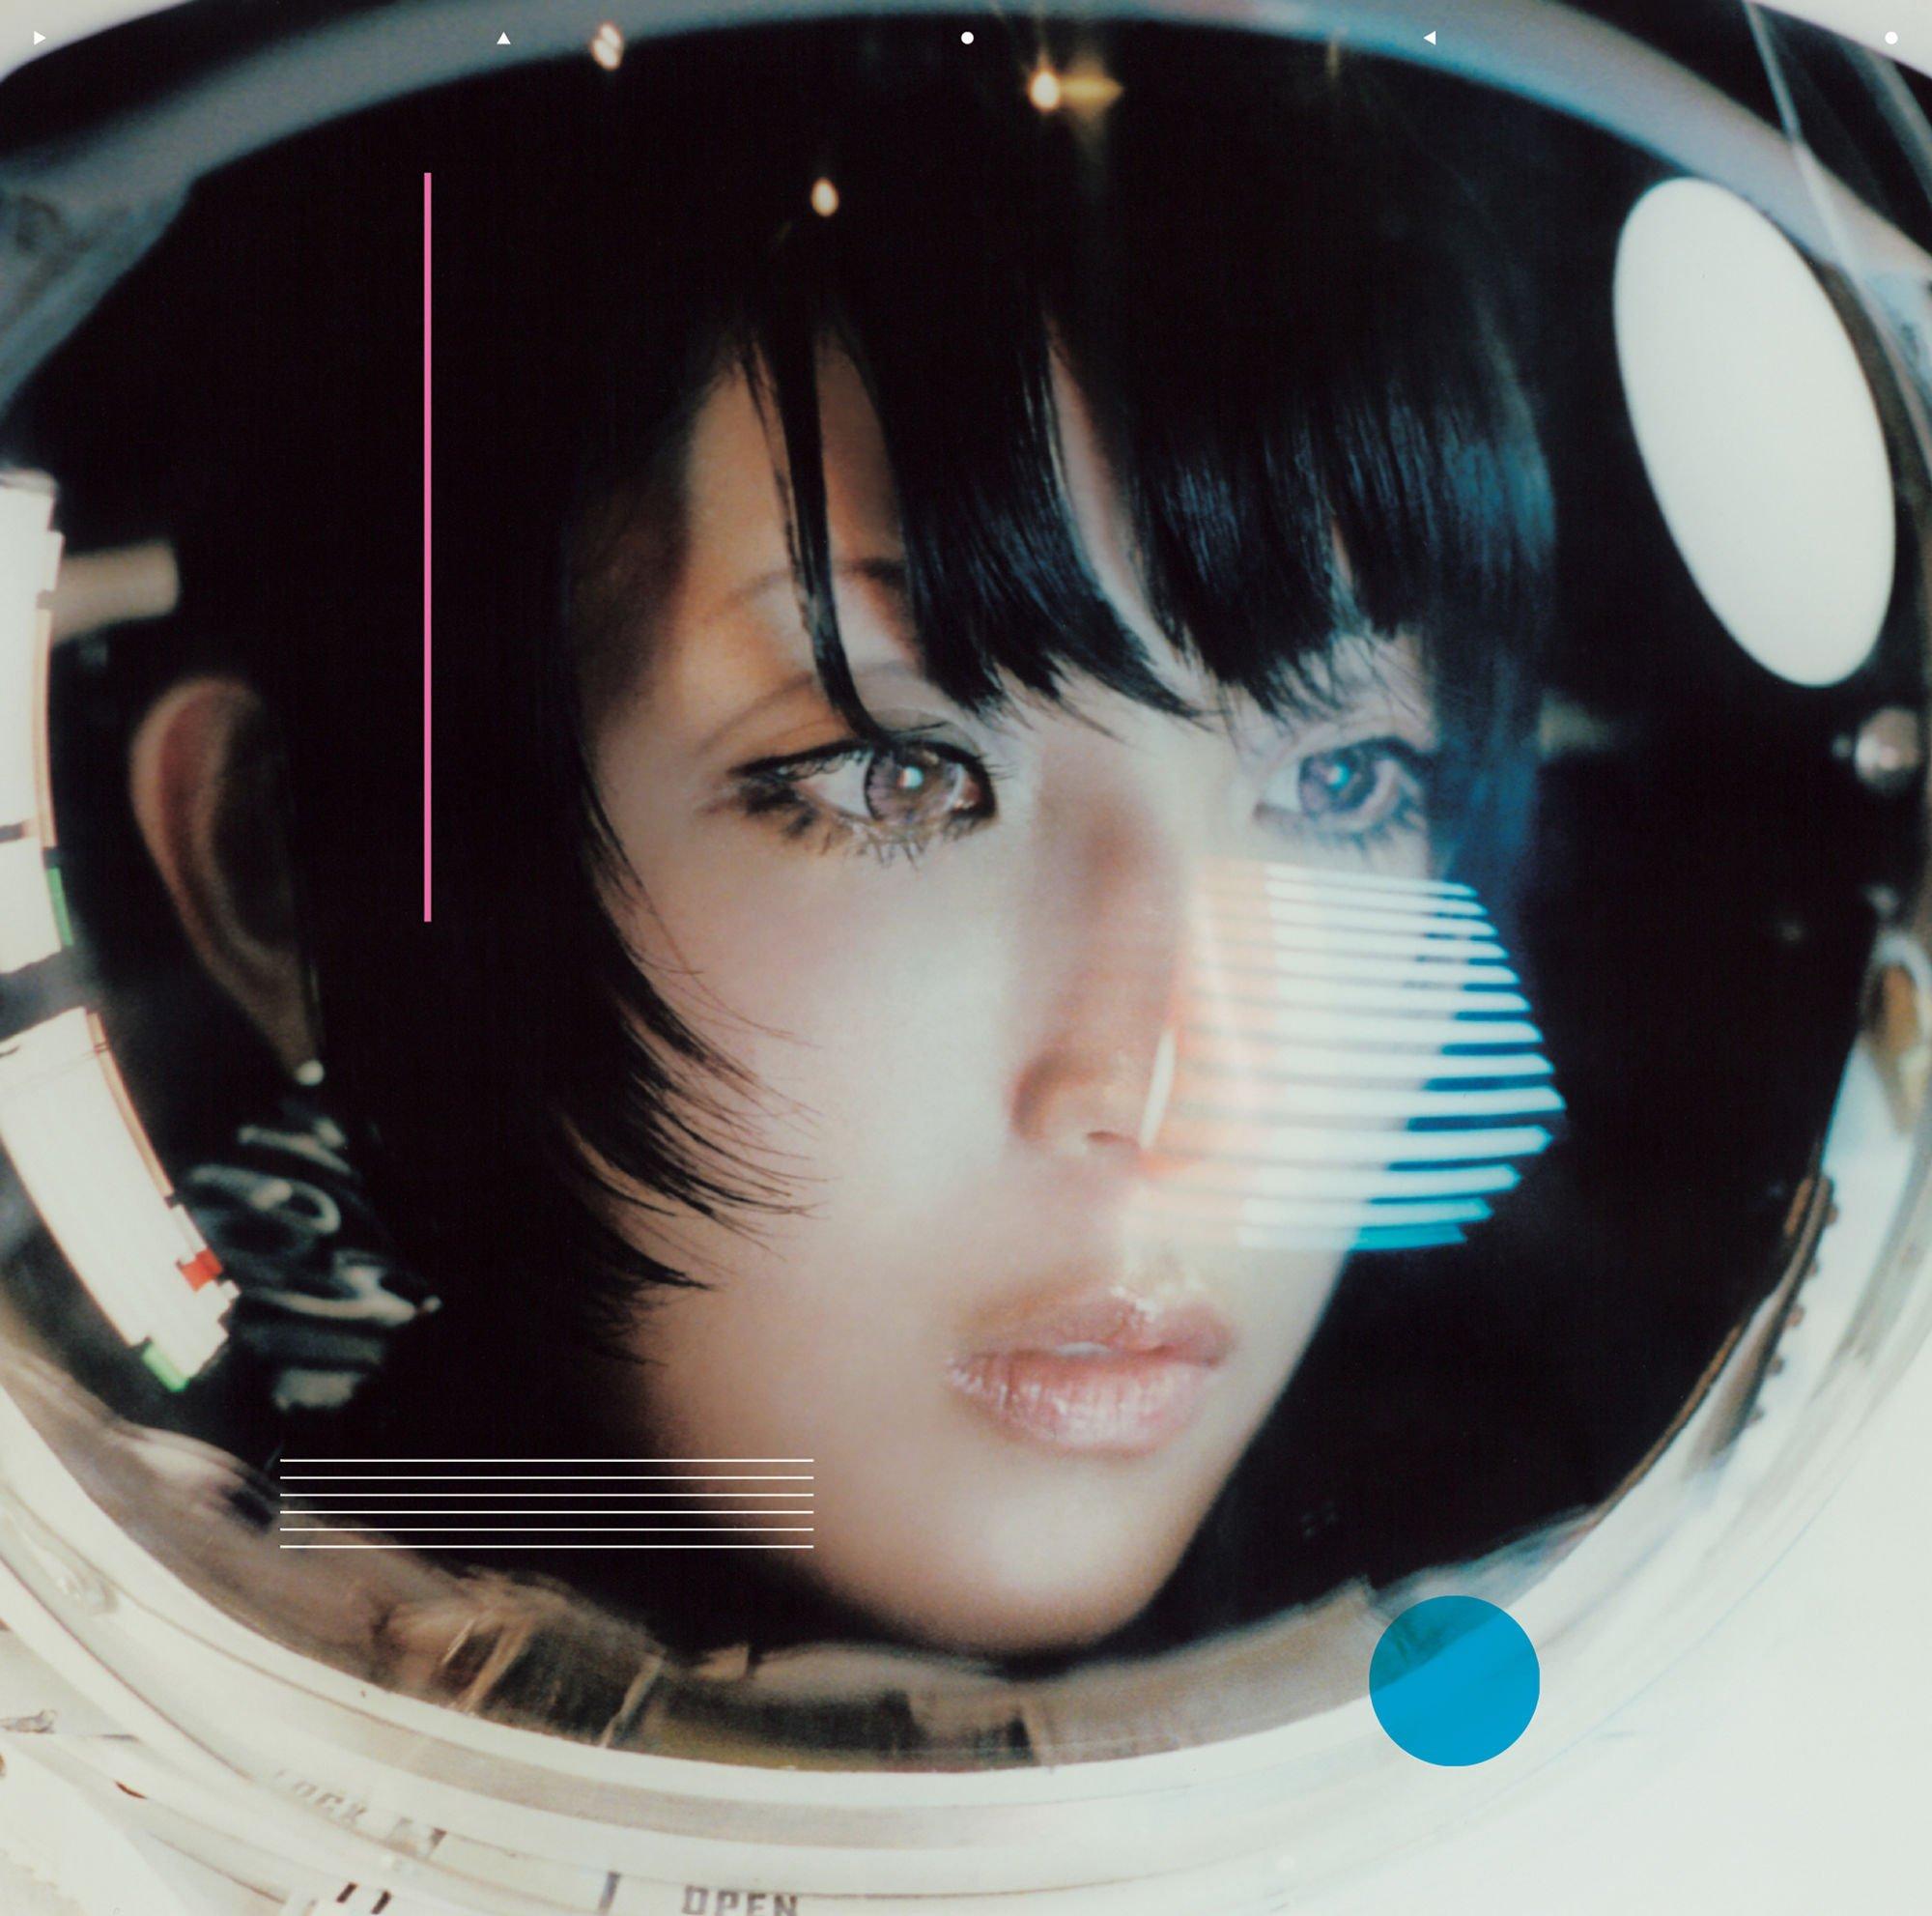 Daoko - Shiteki Ryoko